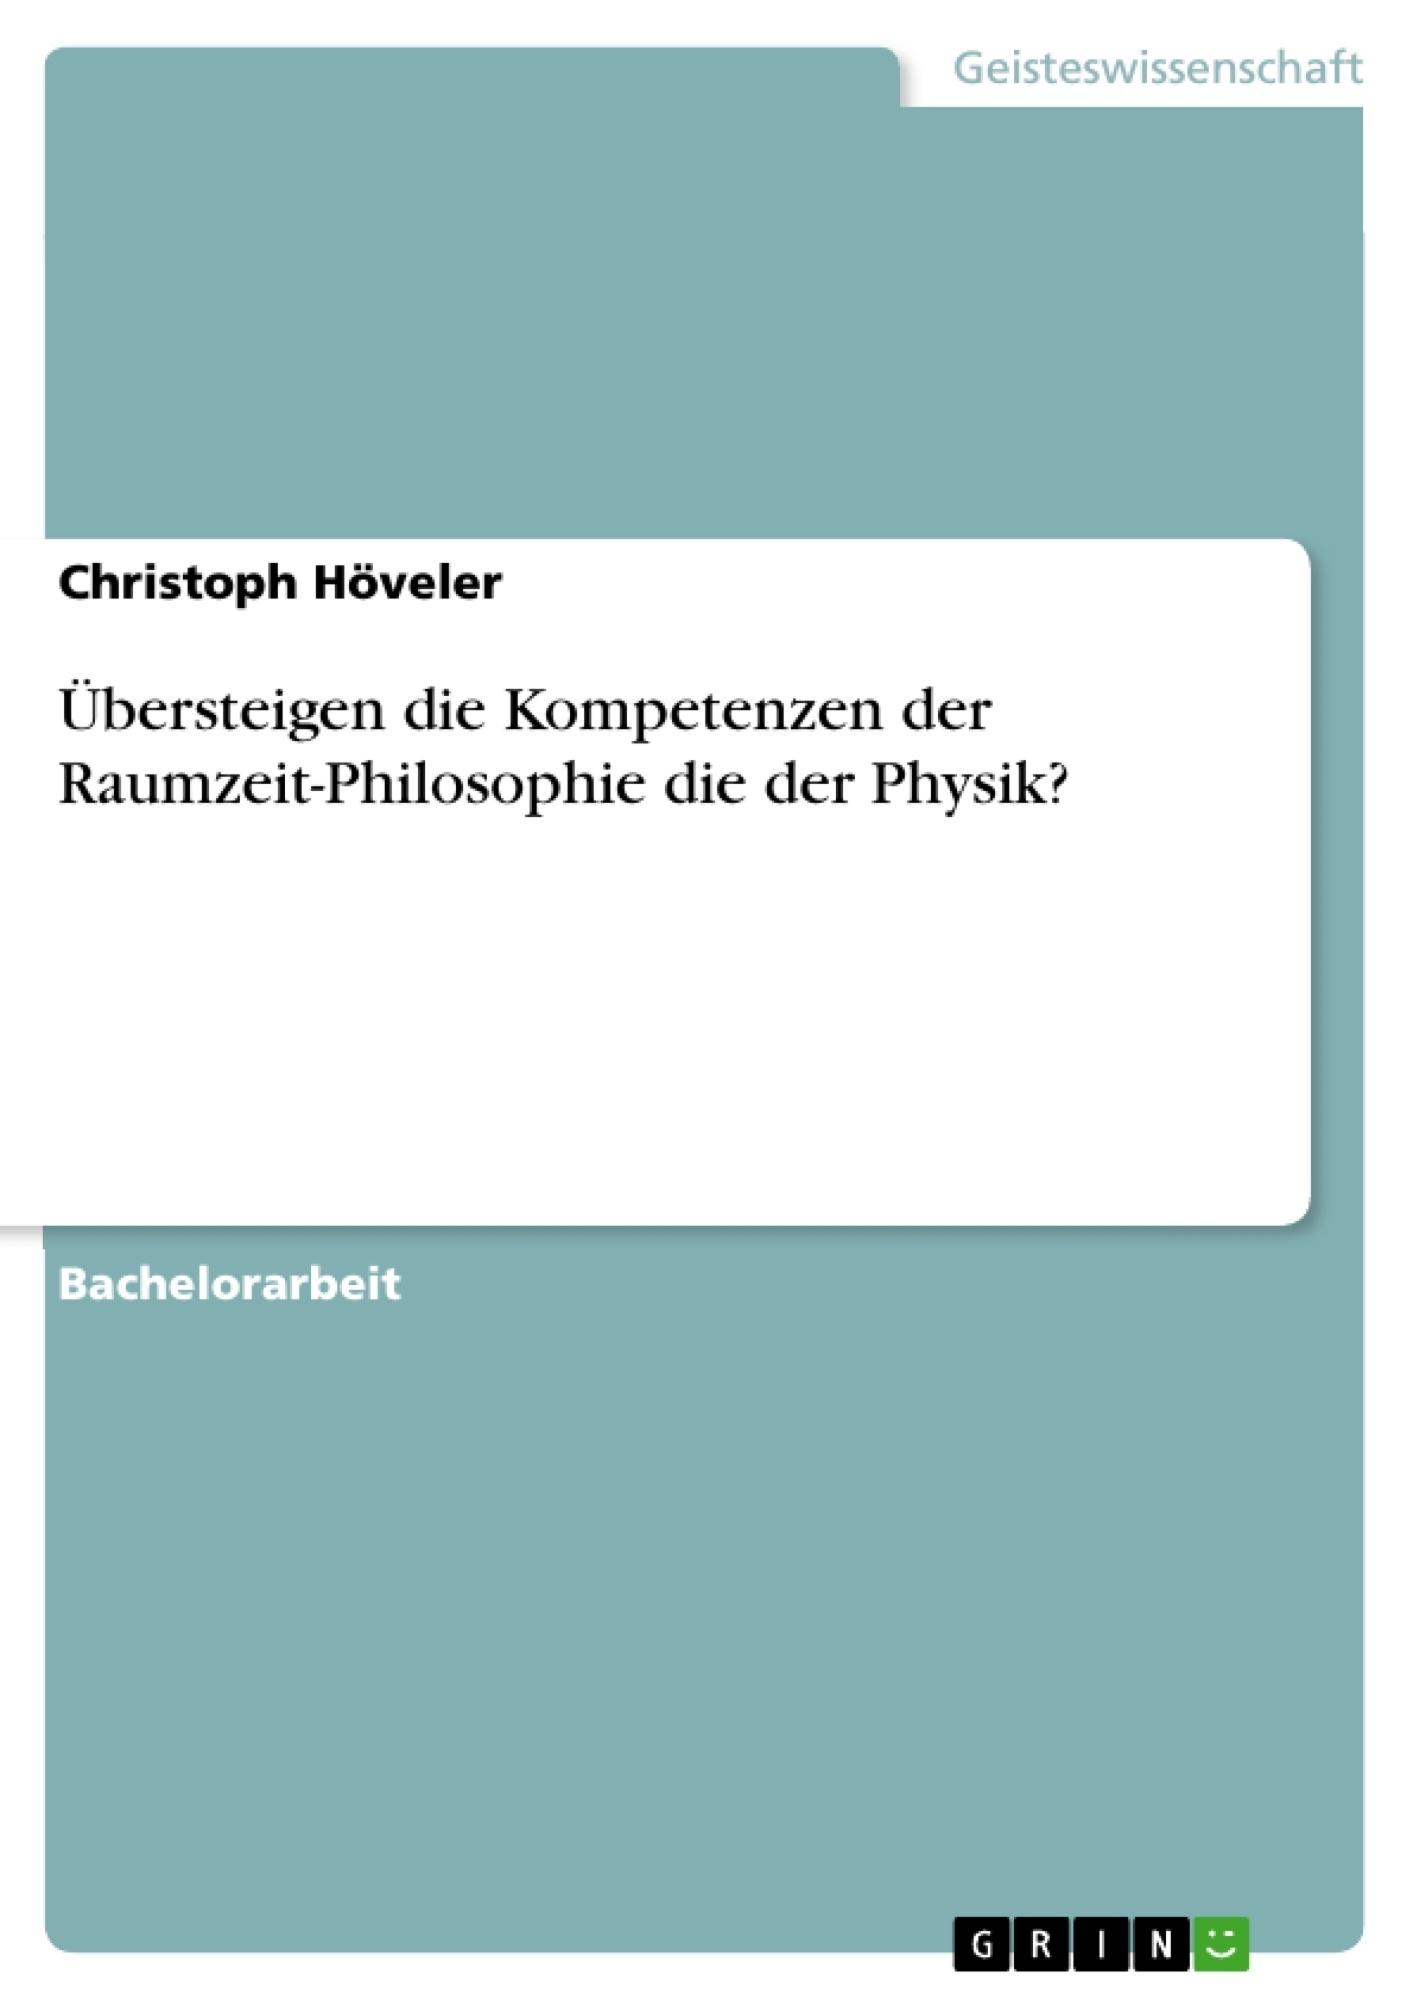 Titel: Übersteigen die Kompetenzen der Raumzeit-Philosophie die der Physik?